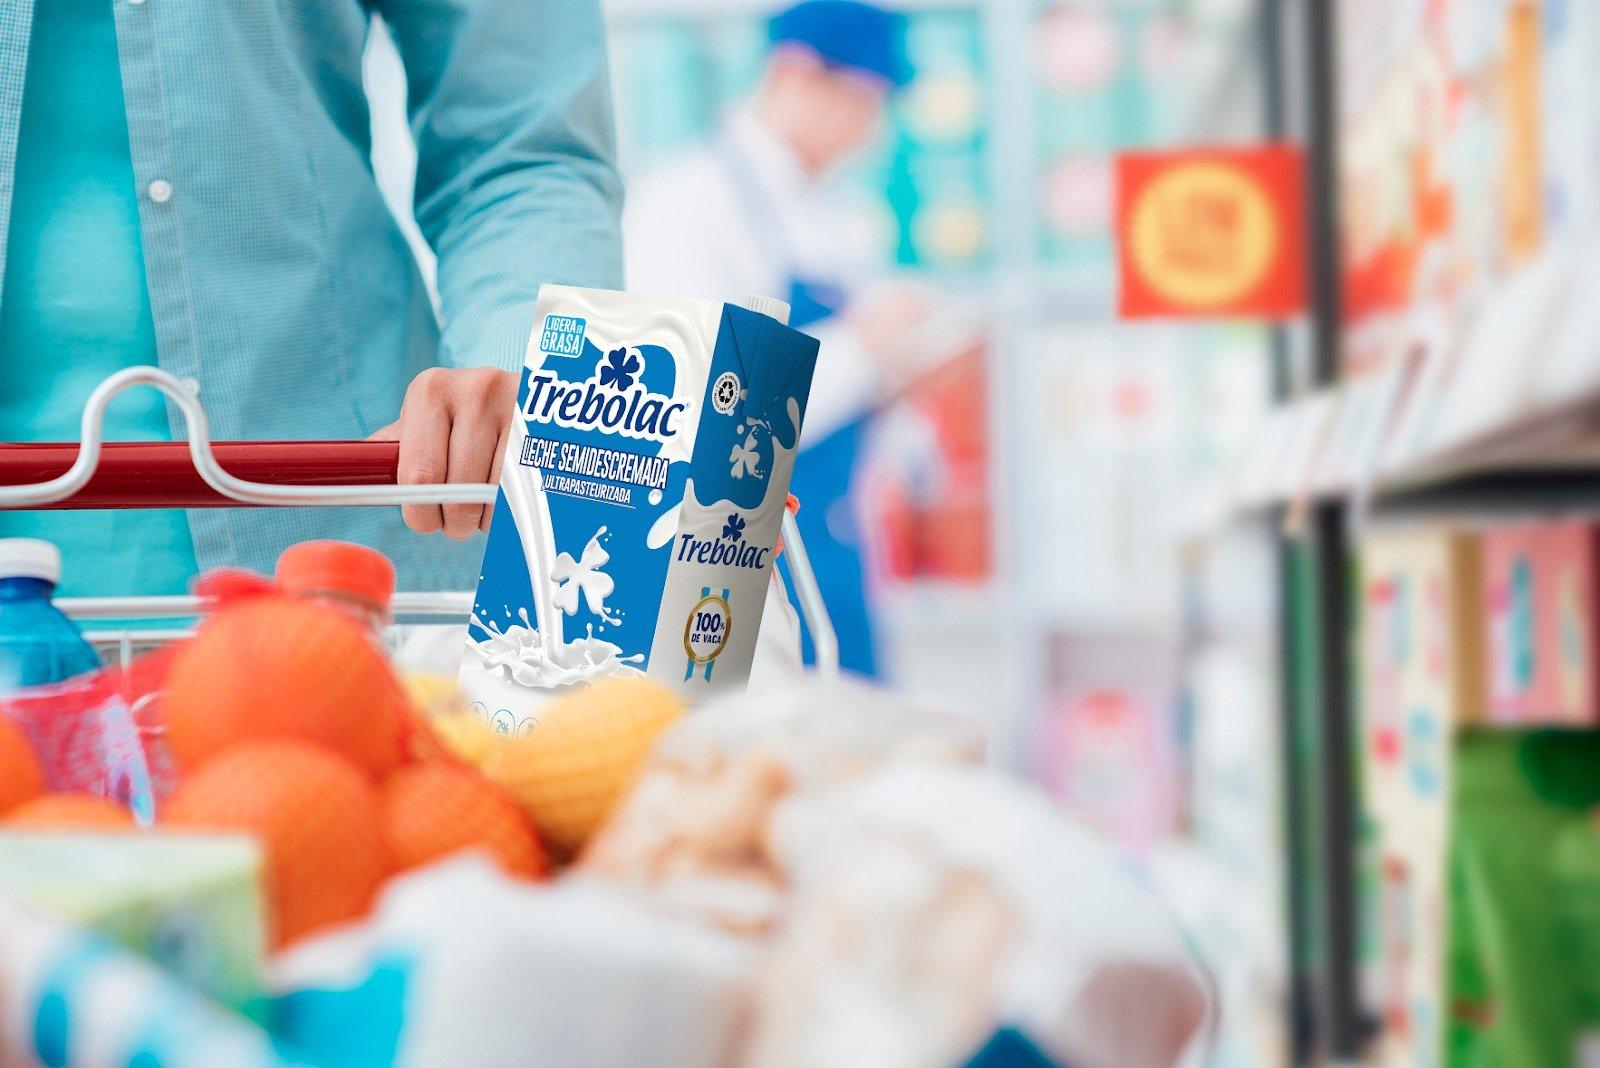 Conoce cómo elegir mejor o moderar el consumo de lácteos en nuestro artículo.